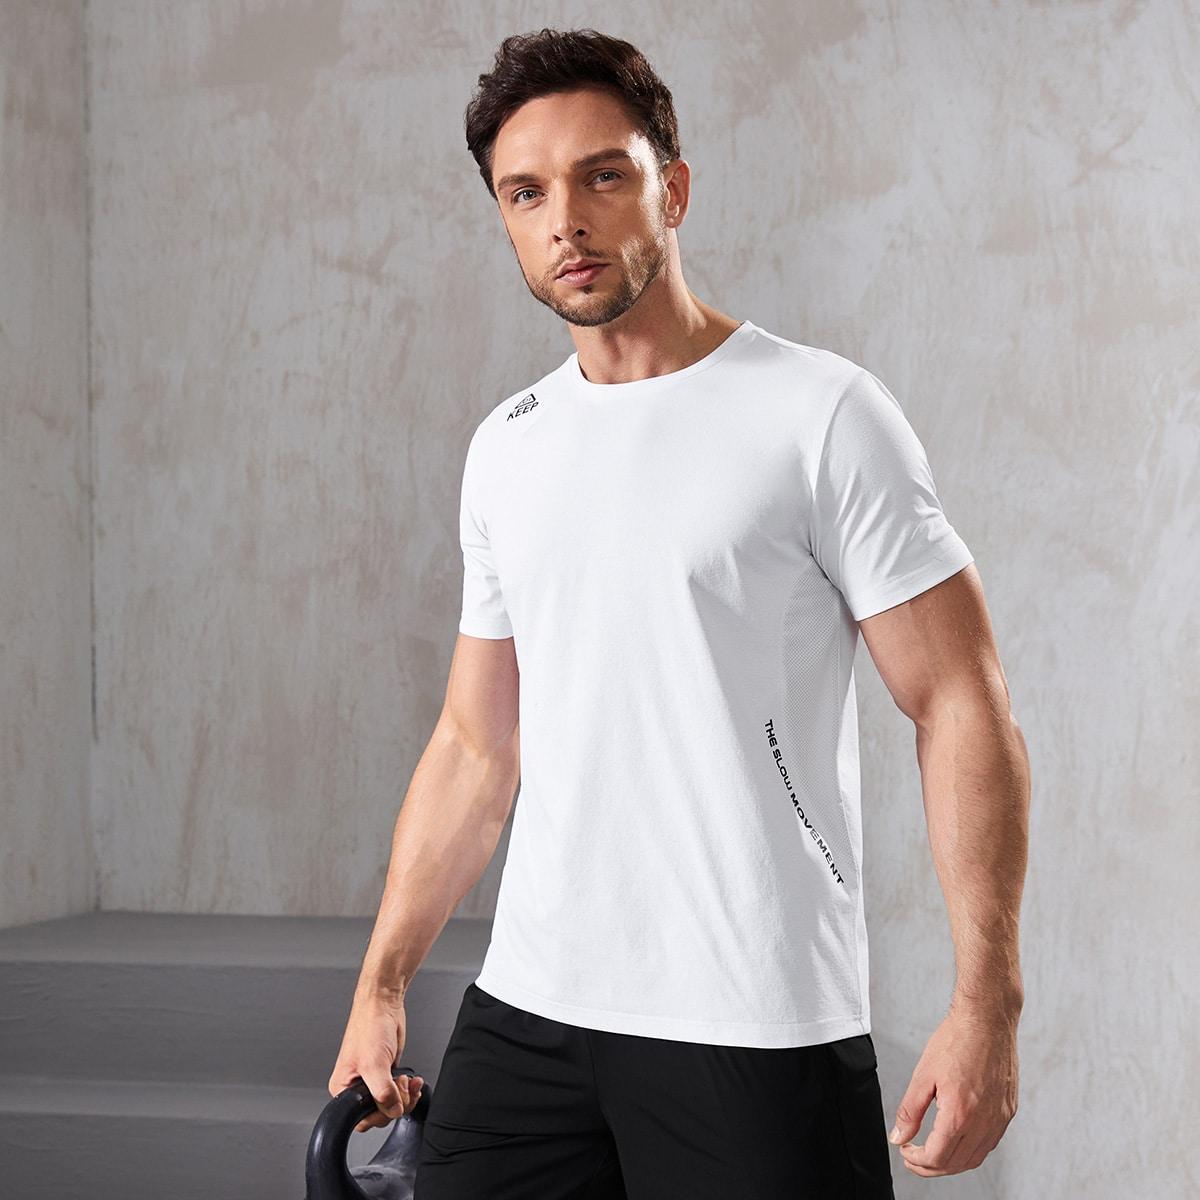 Мужская спортивная футболка с текстовым принтом